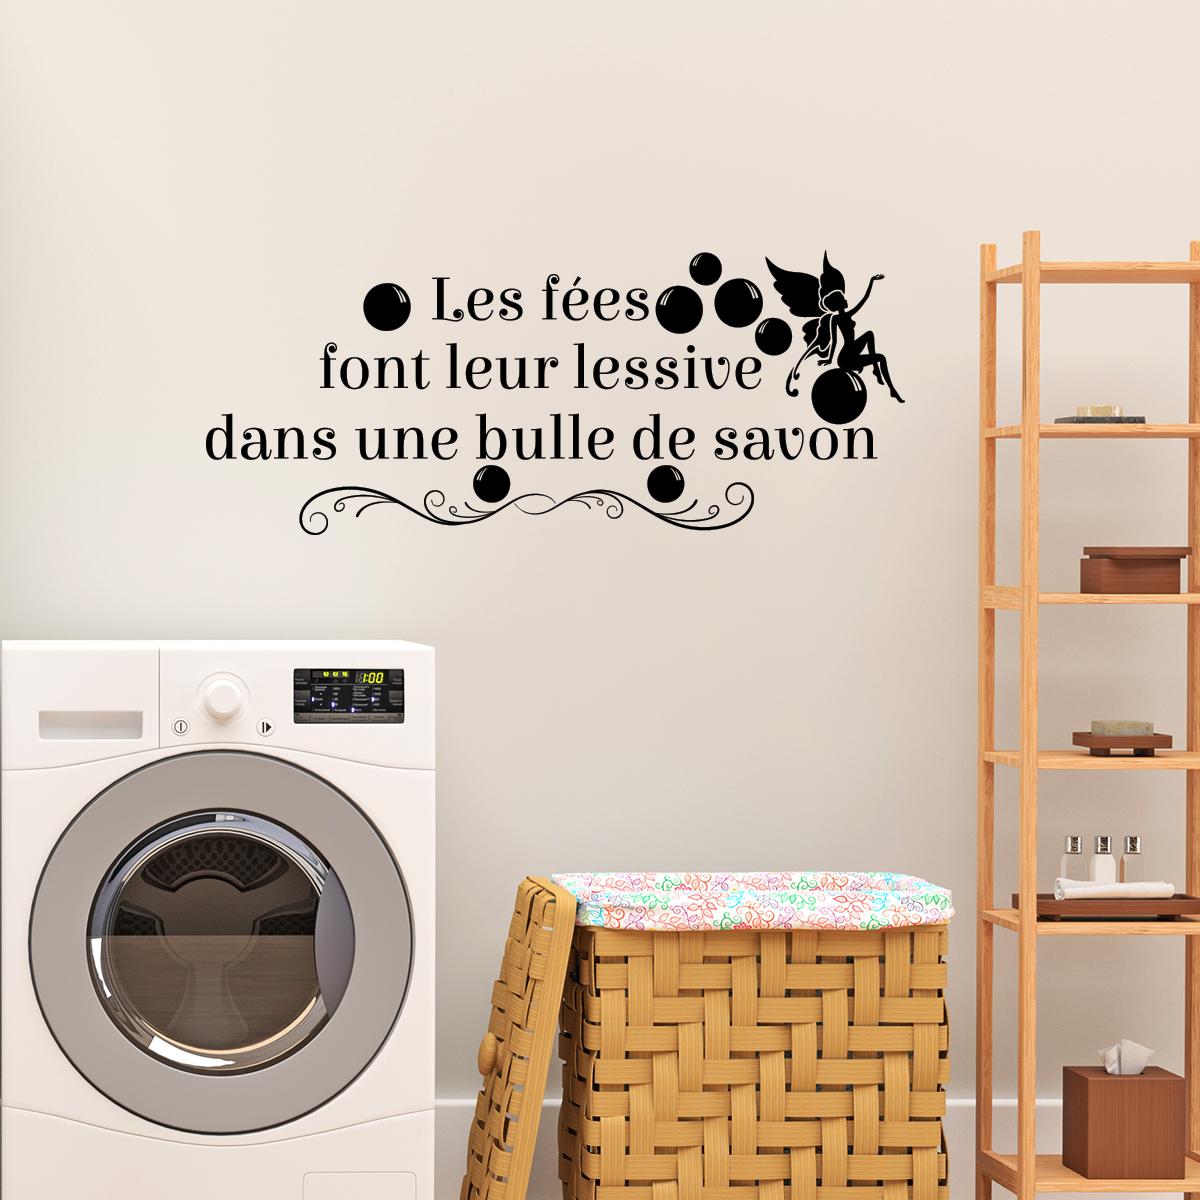 sticker les f es font leur lessive dans une bulle de savon stickers electrom nager machine. Black Bedroom Furniture Sets. Home Design Ideas